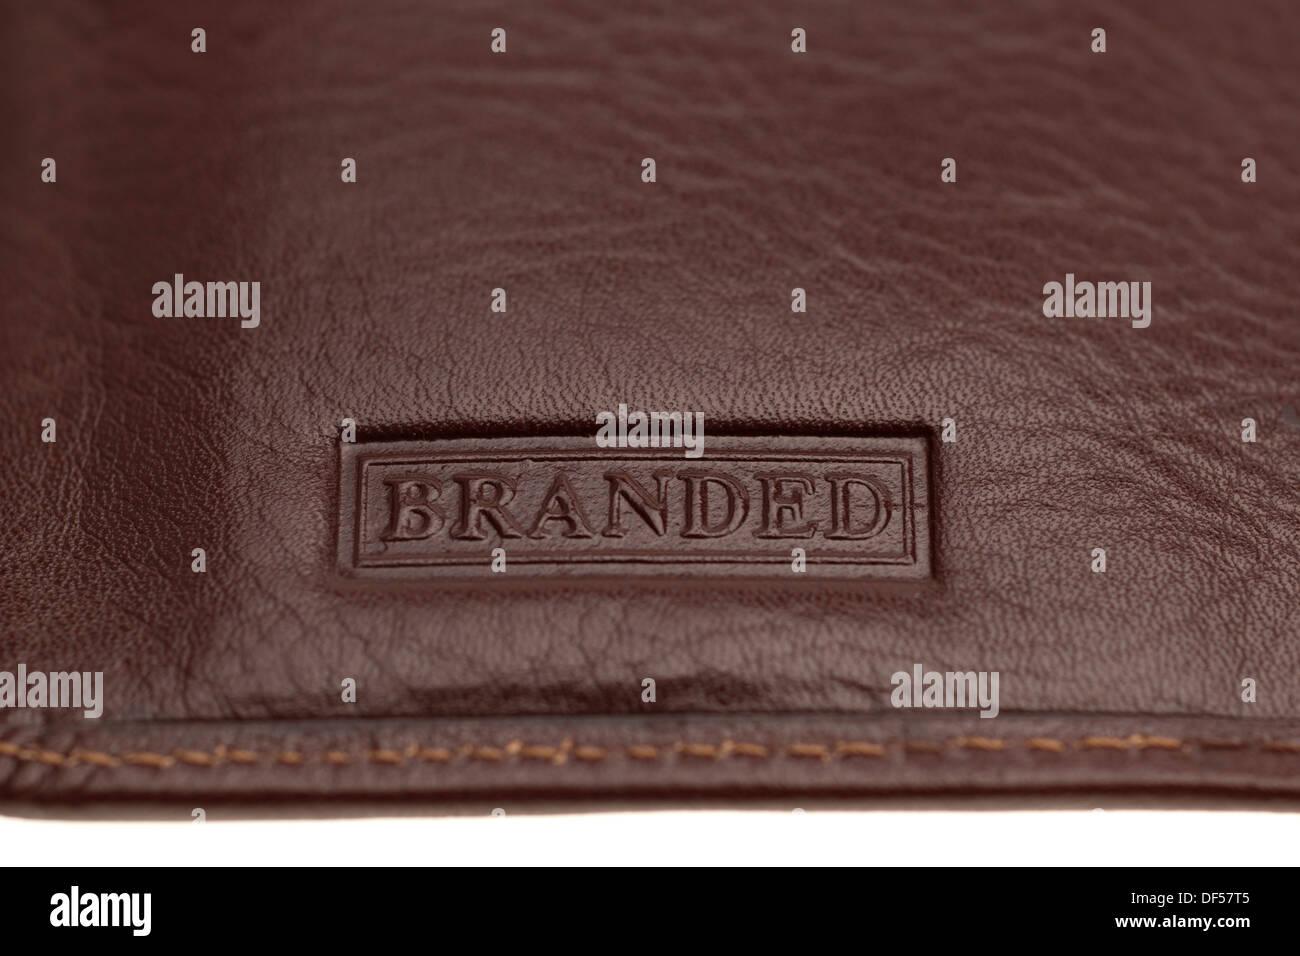 Primer plano de un monedero de cuero marrón con Branded Imagen De Stock